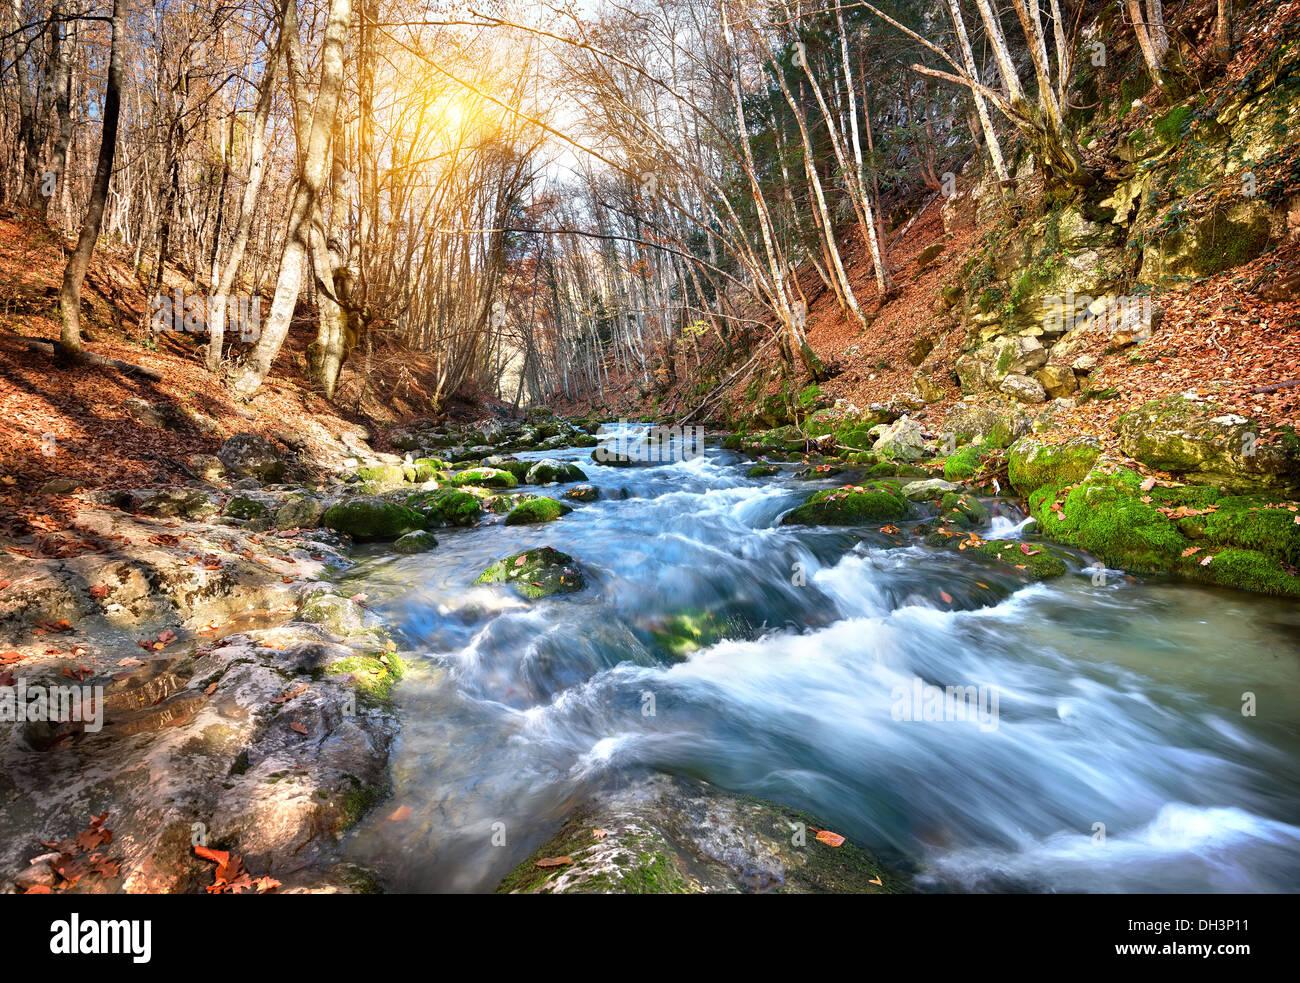 Río rápido en un bosque de montaña en un día soleado Imagen De Stock